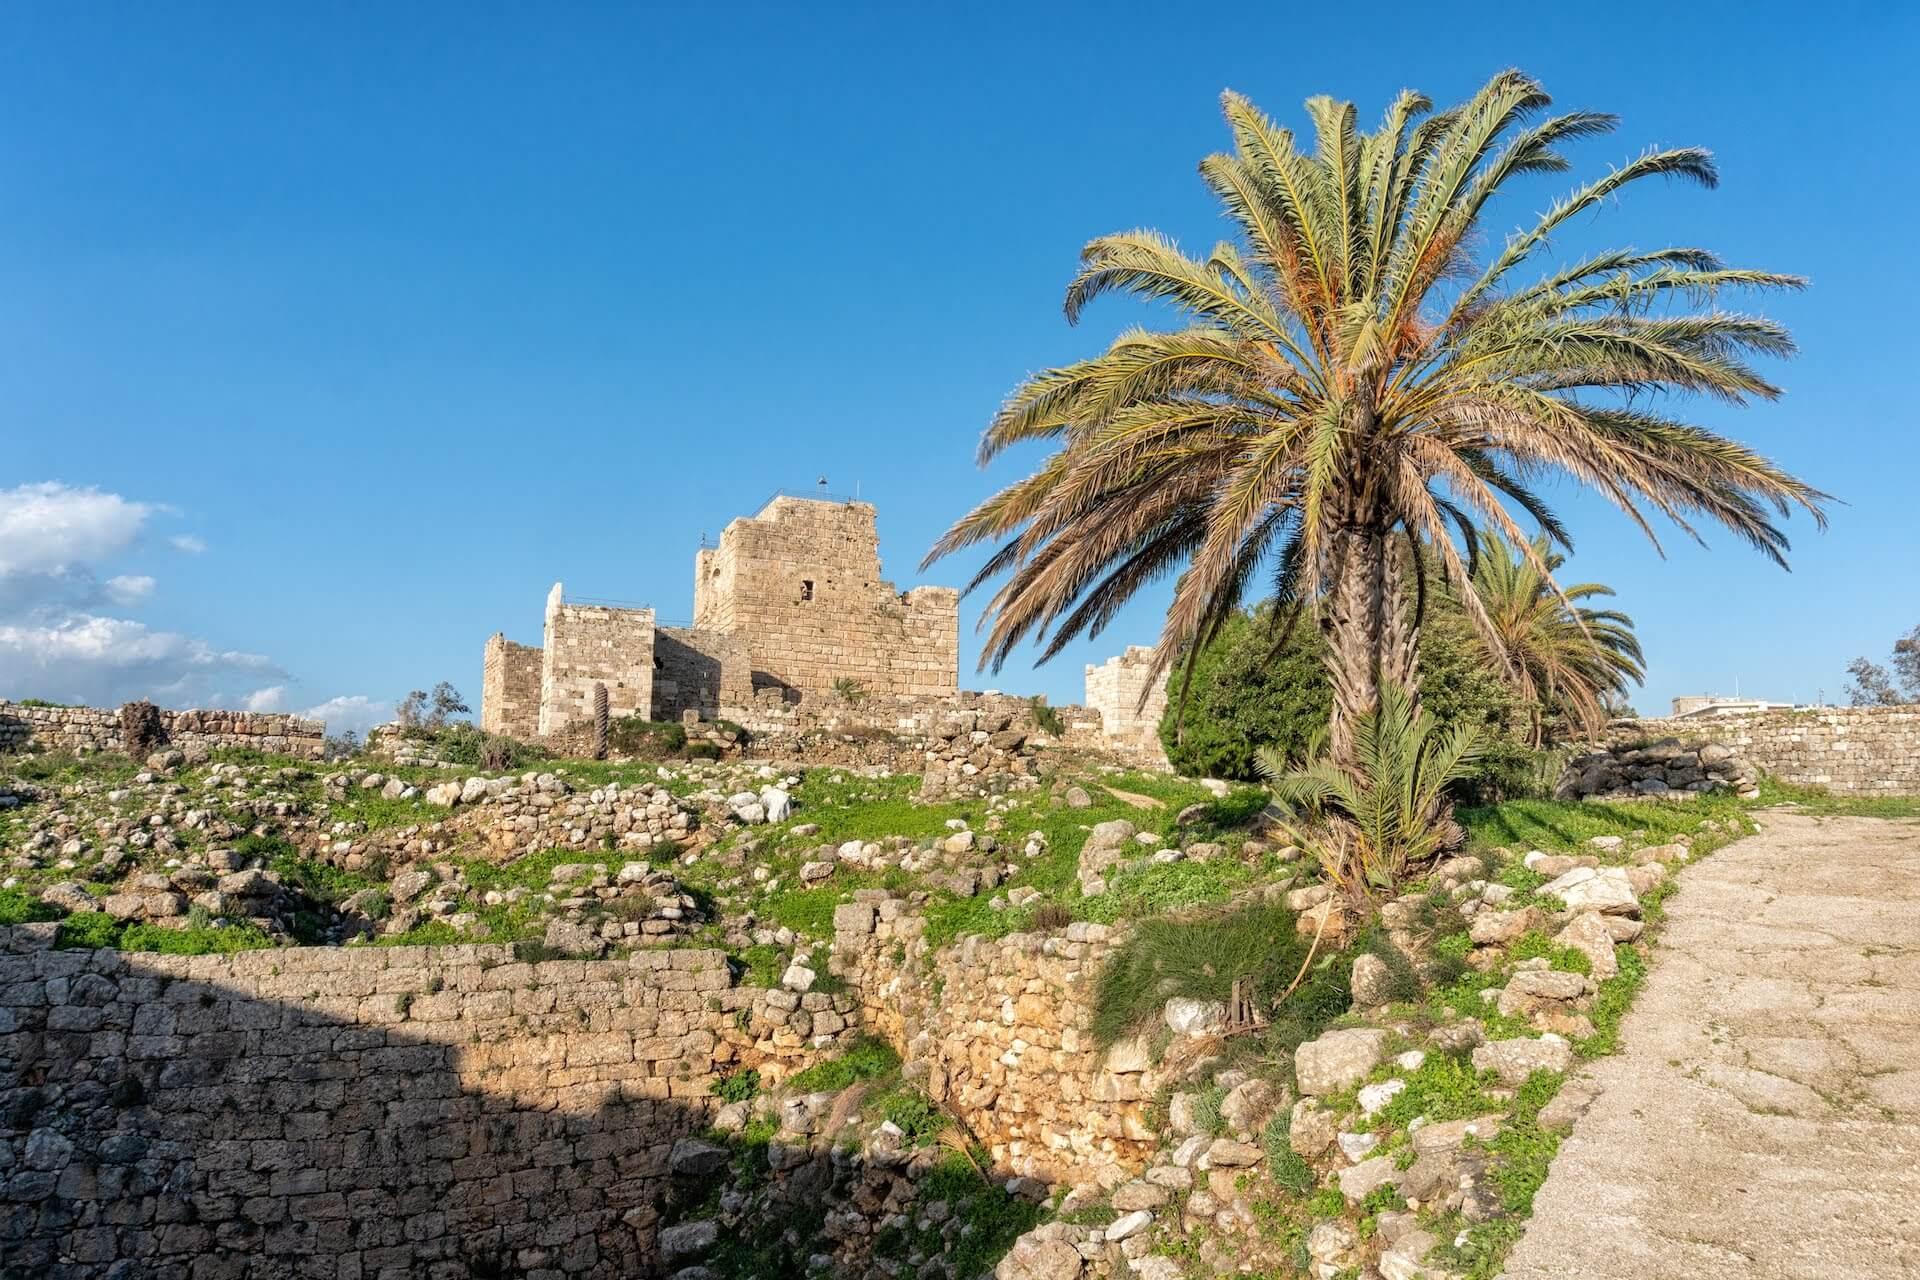 Palmboom en kasteelruine in Byblos